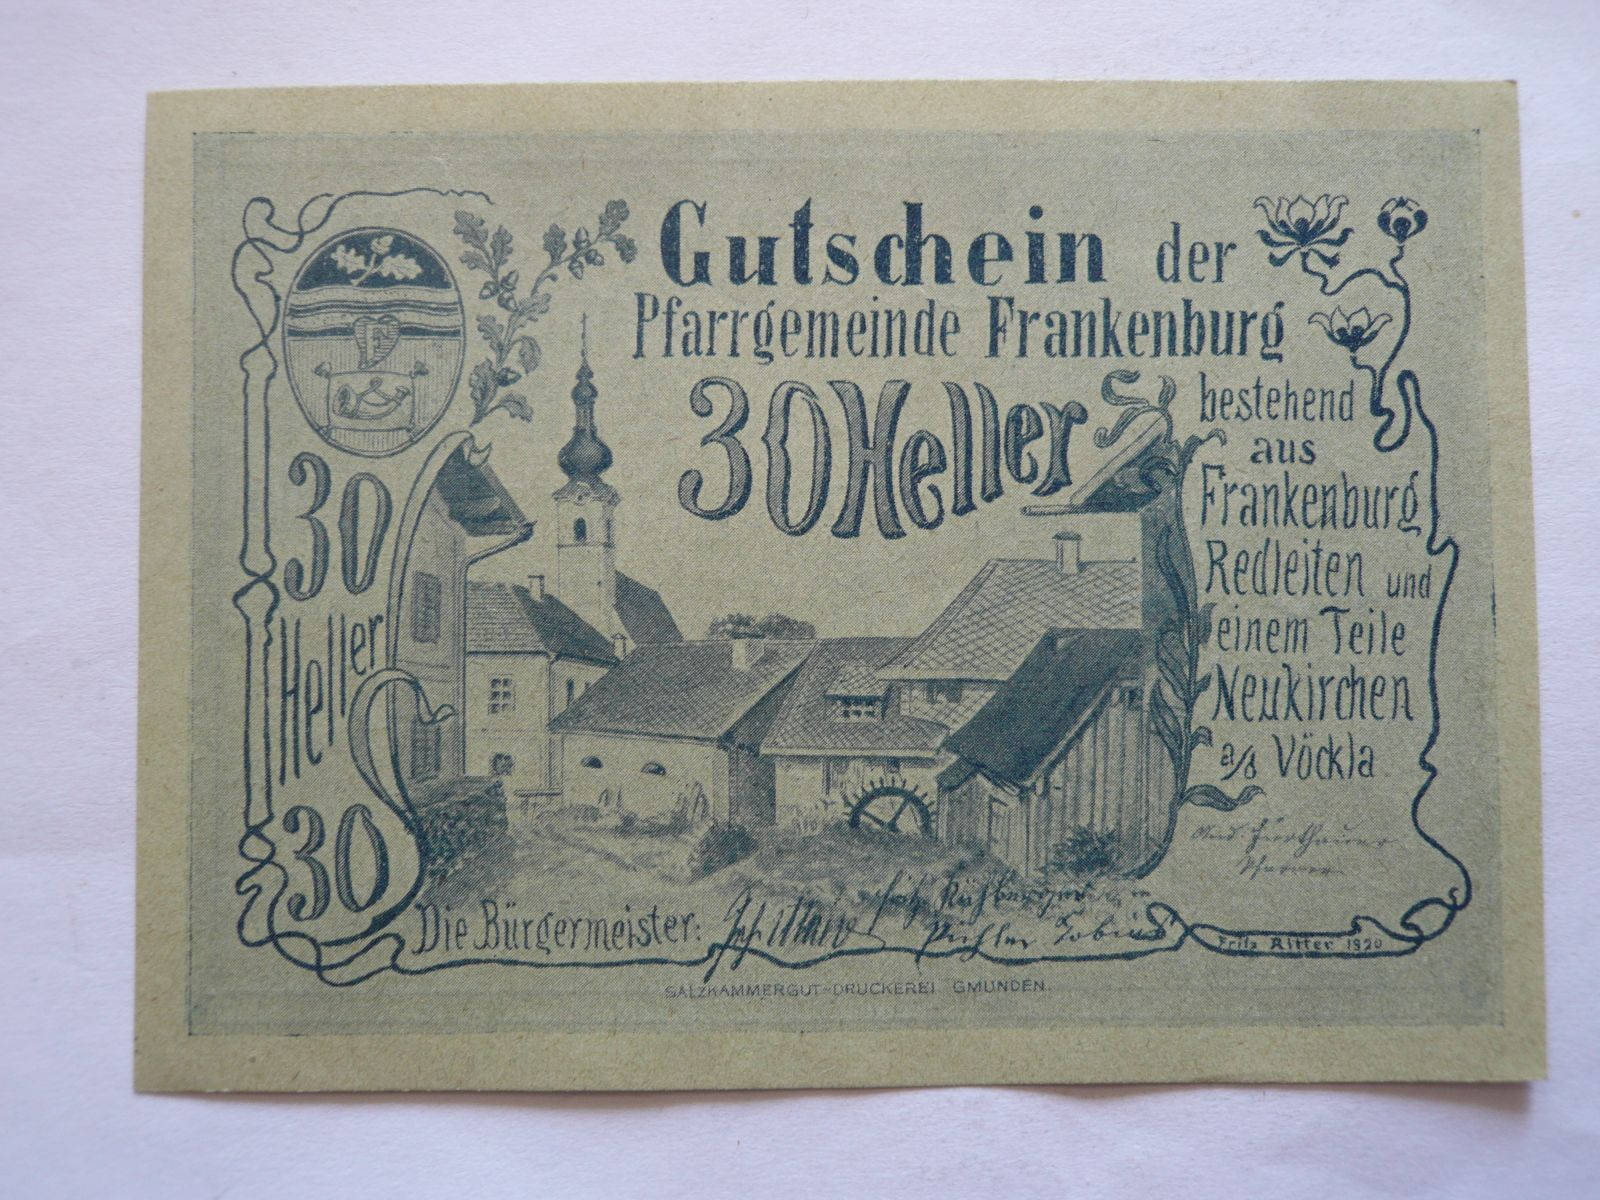 30 Heller, Frankenburg, Rakousko